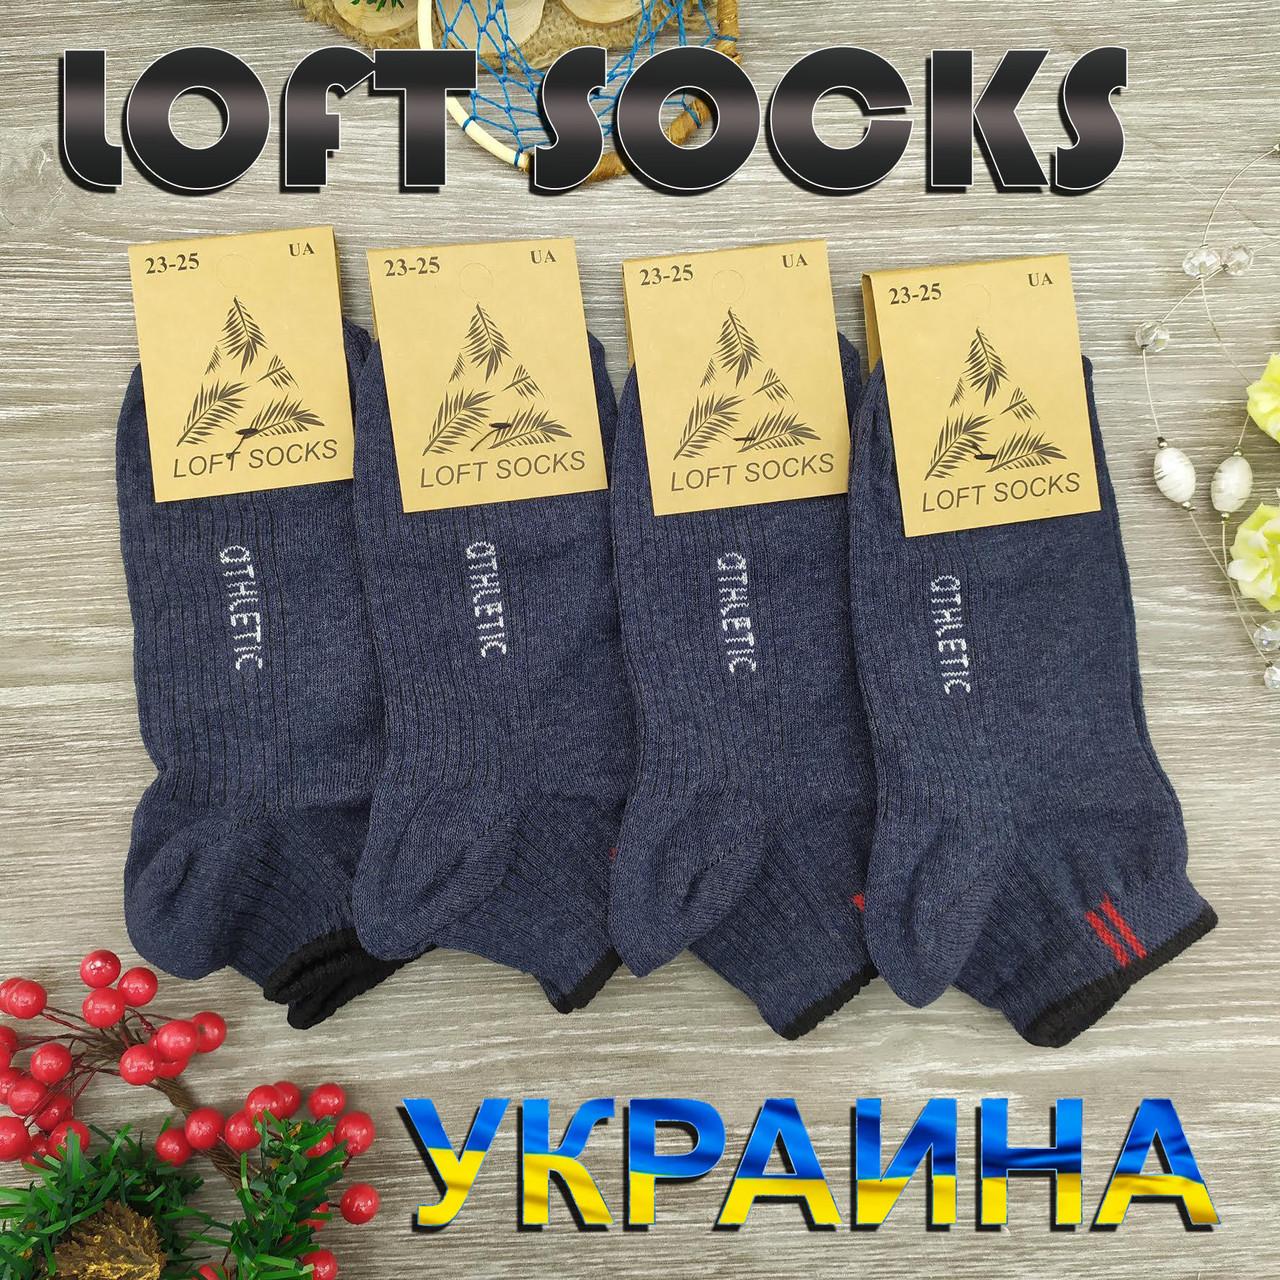 Носки женские демисезонные короткие спорт Loft Socks athletic 23-25 джинс 20034160